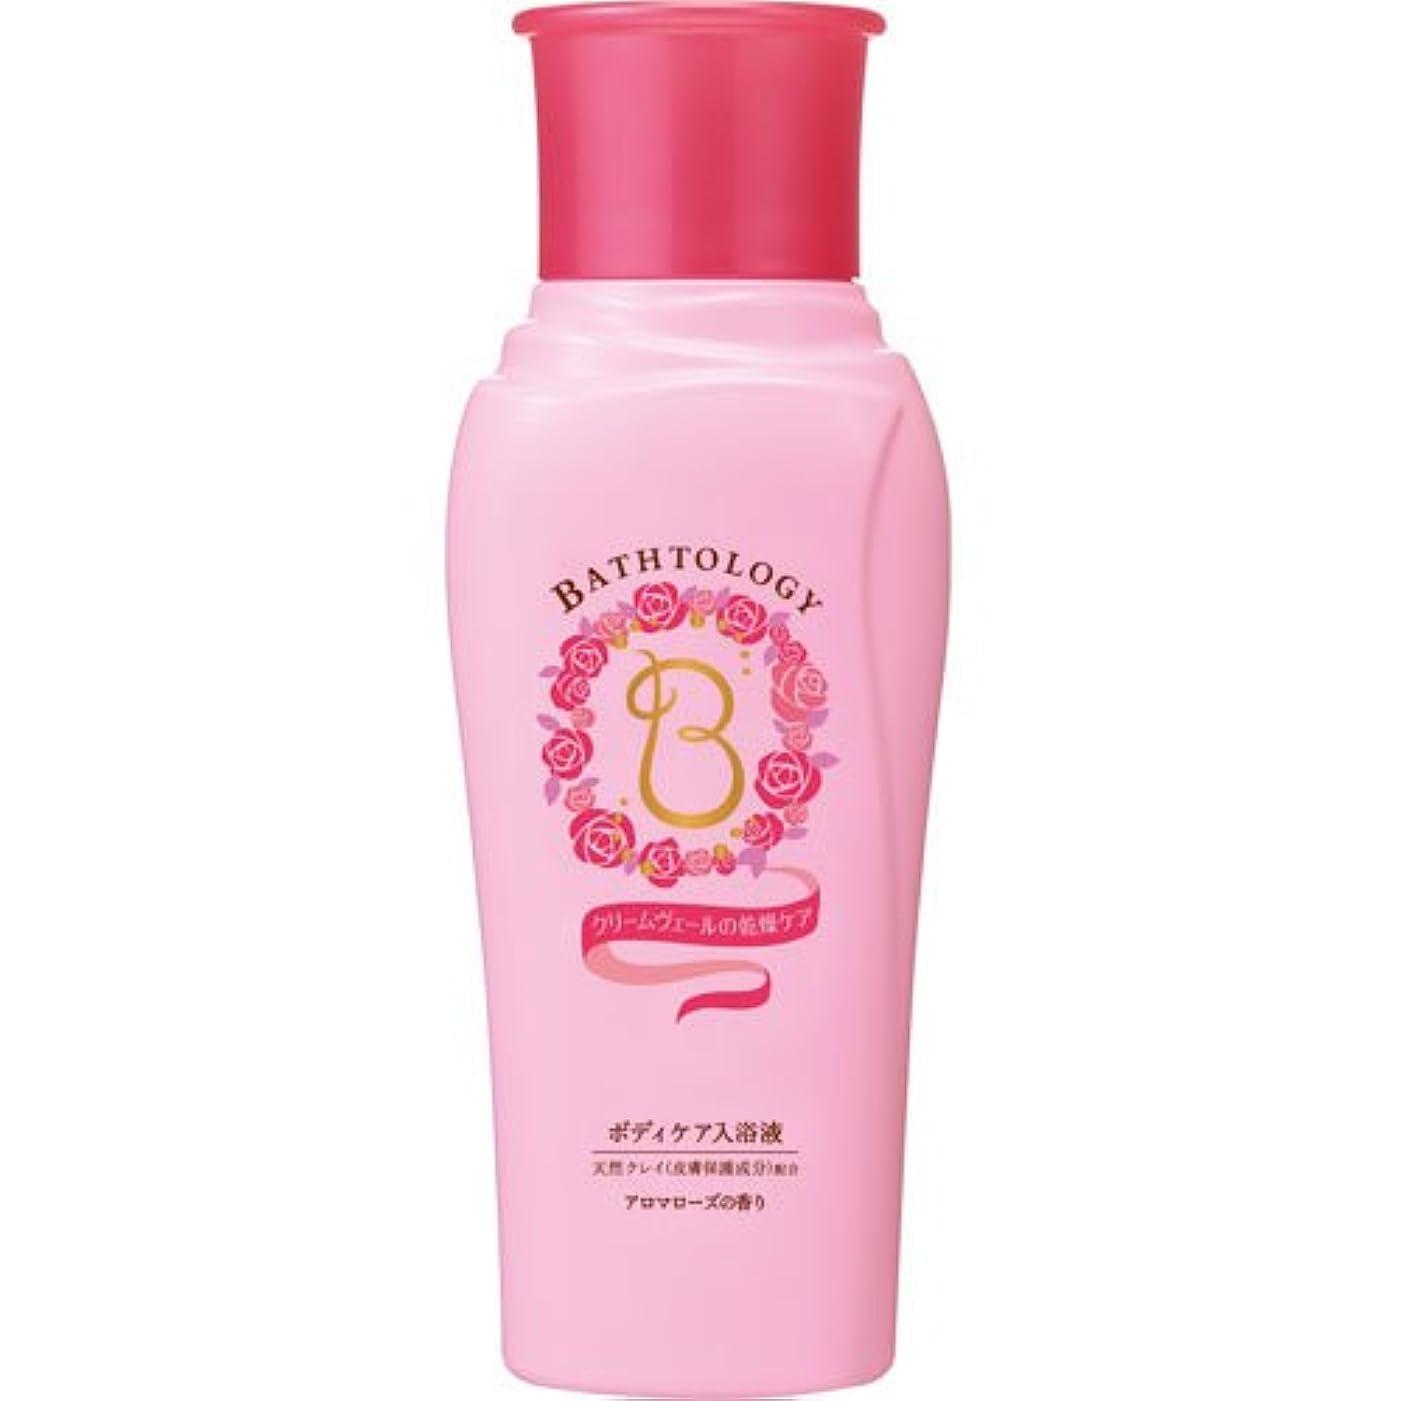 融合意見回想BATHTOLOGY ボディケア入浴液 アロマローズの香り 本体 450mL